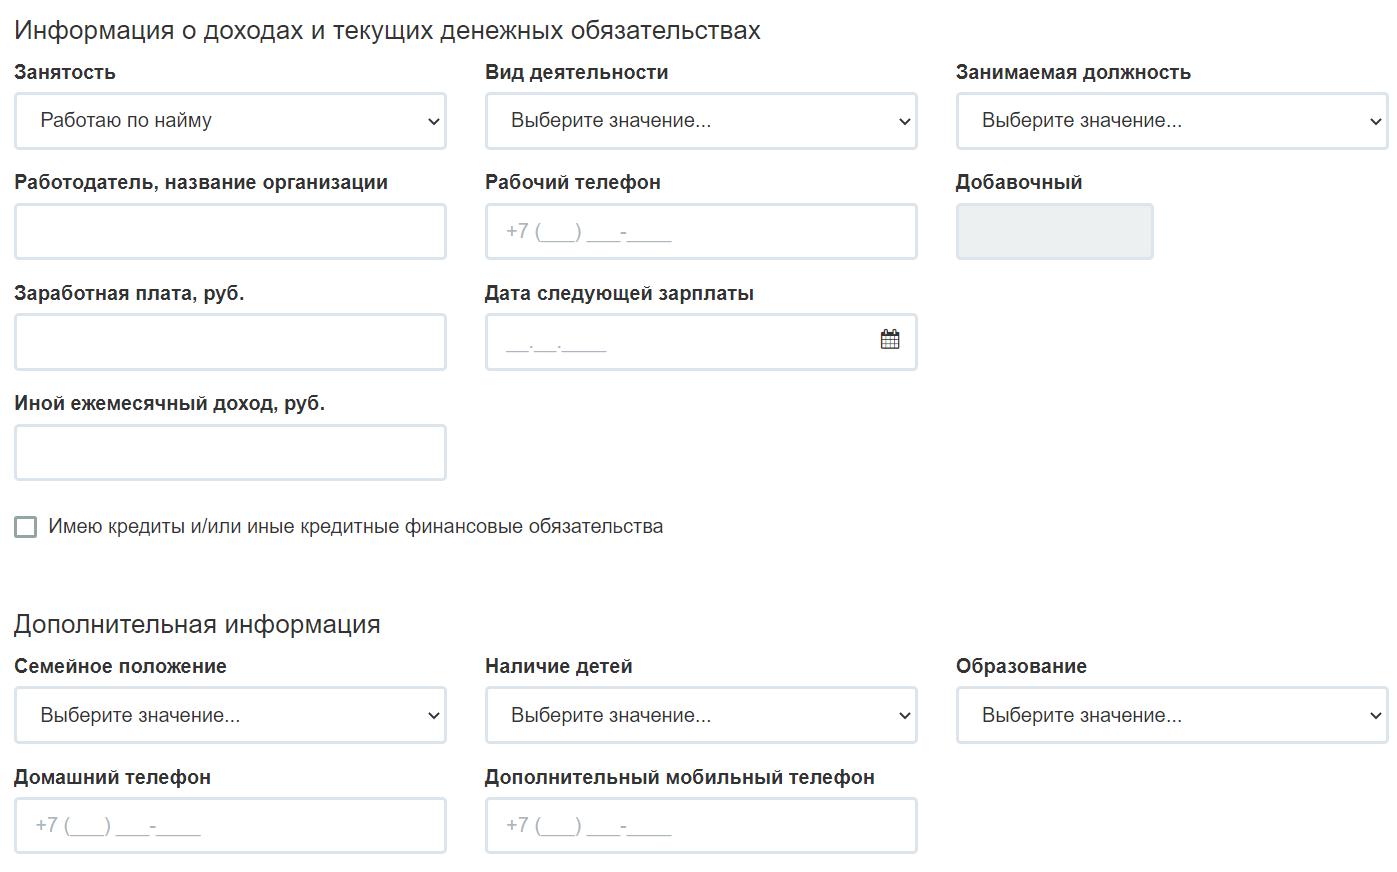 внесение информации о доходахв МКК Ализайм